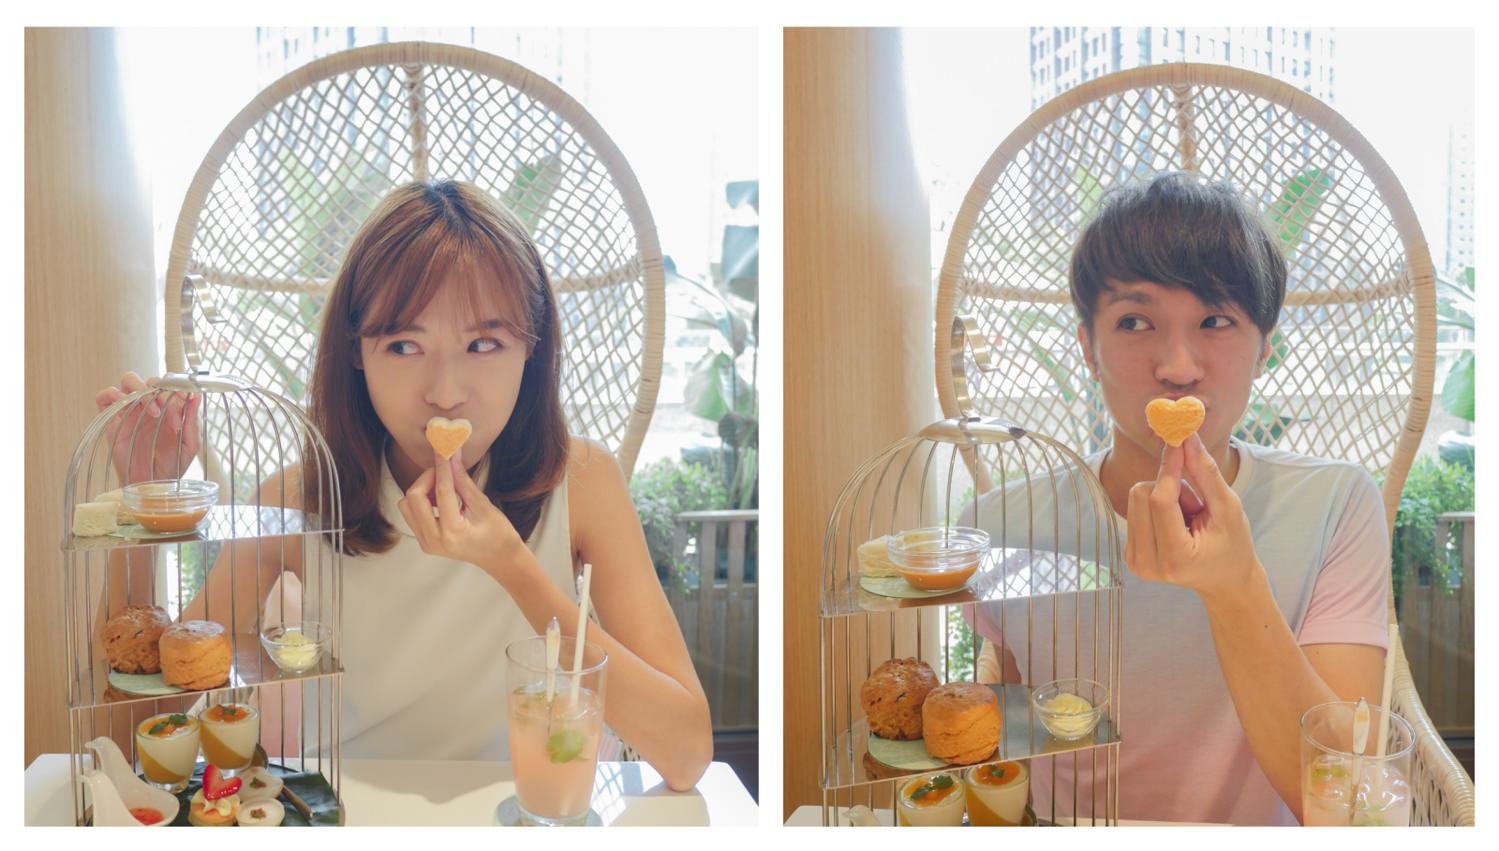 台北市政府站美食 Lady nara 台北統一時代店 泰國網美餐廳全球海外首店